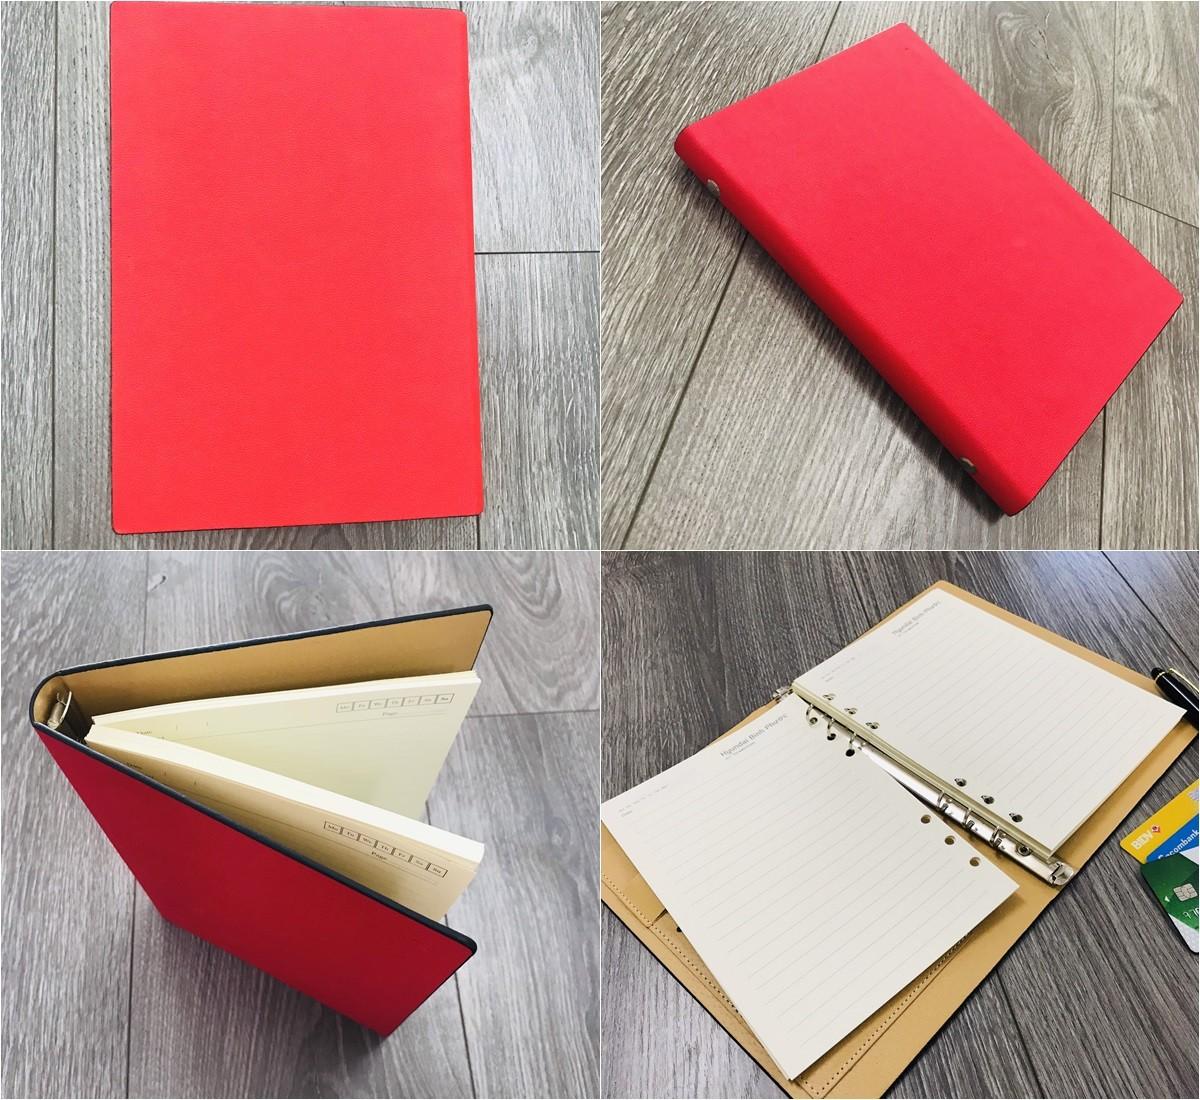 Mẫu sổ bìa da có sẵn mẫu 006 màu đỏ